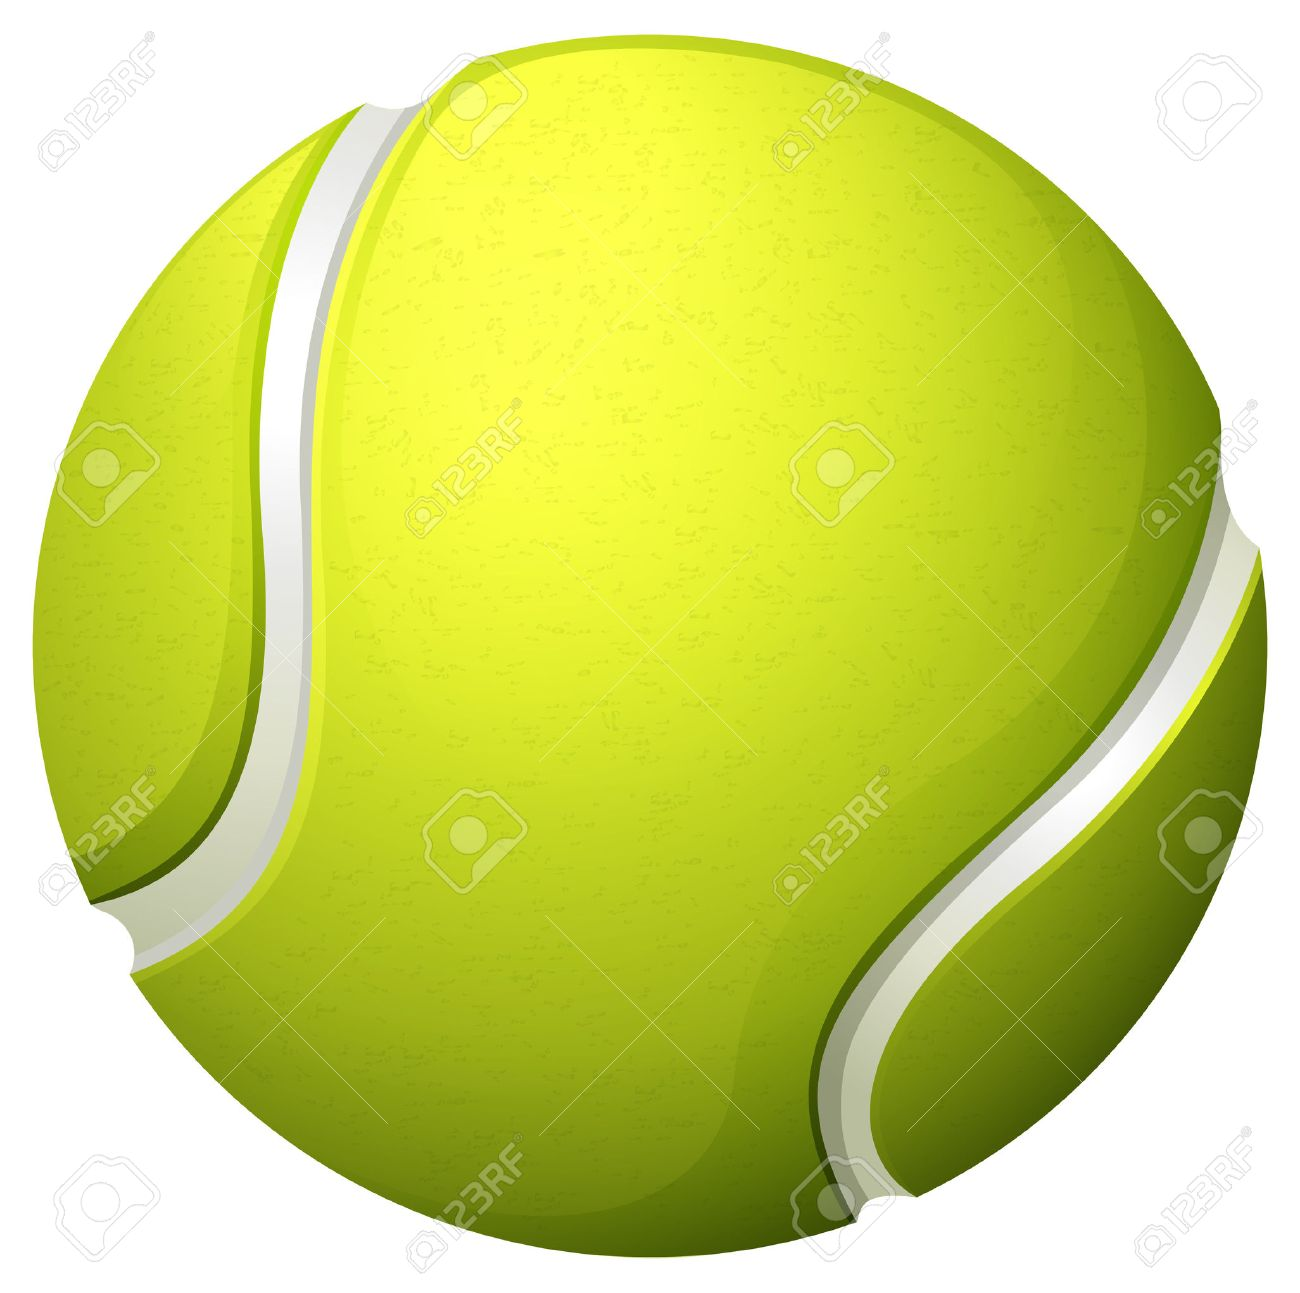 hight resolution of single light green tennis ball illustration